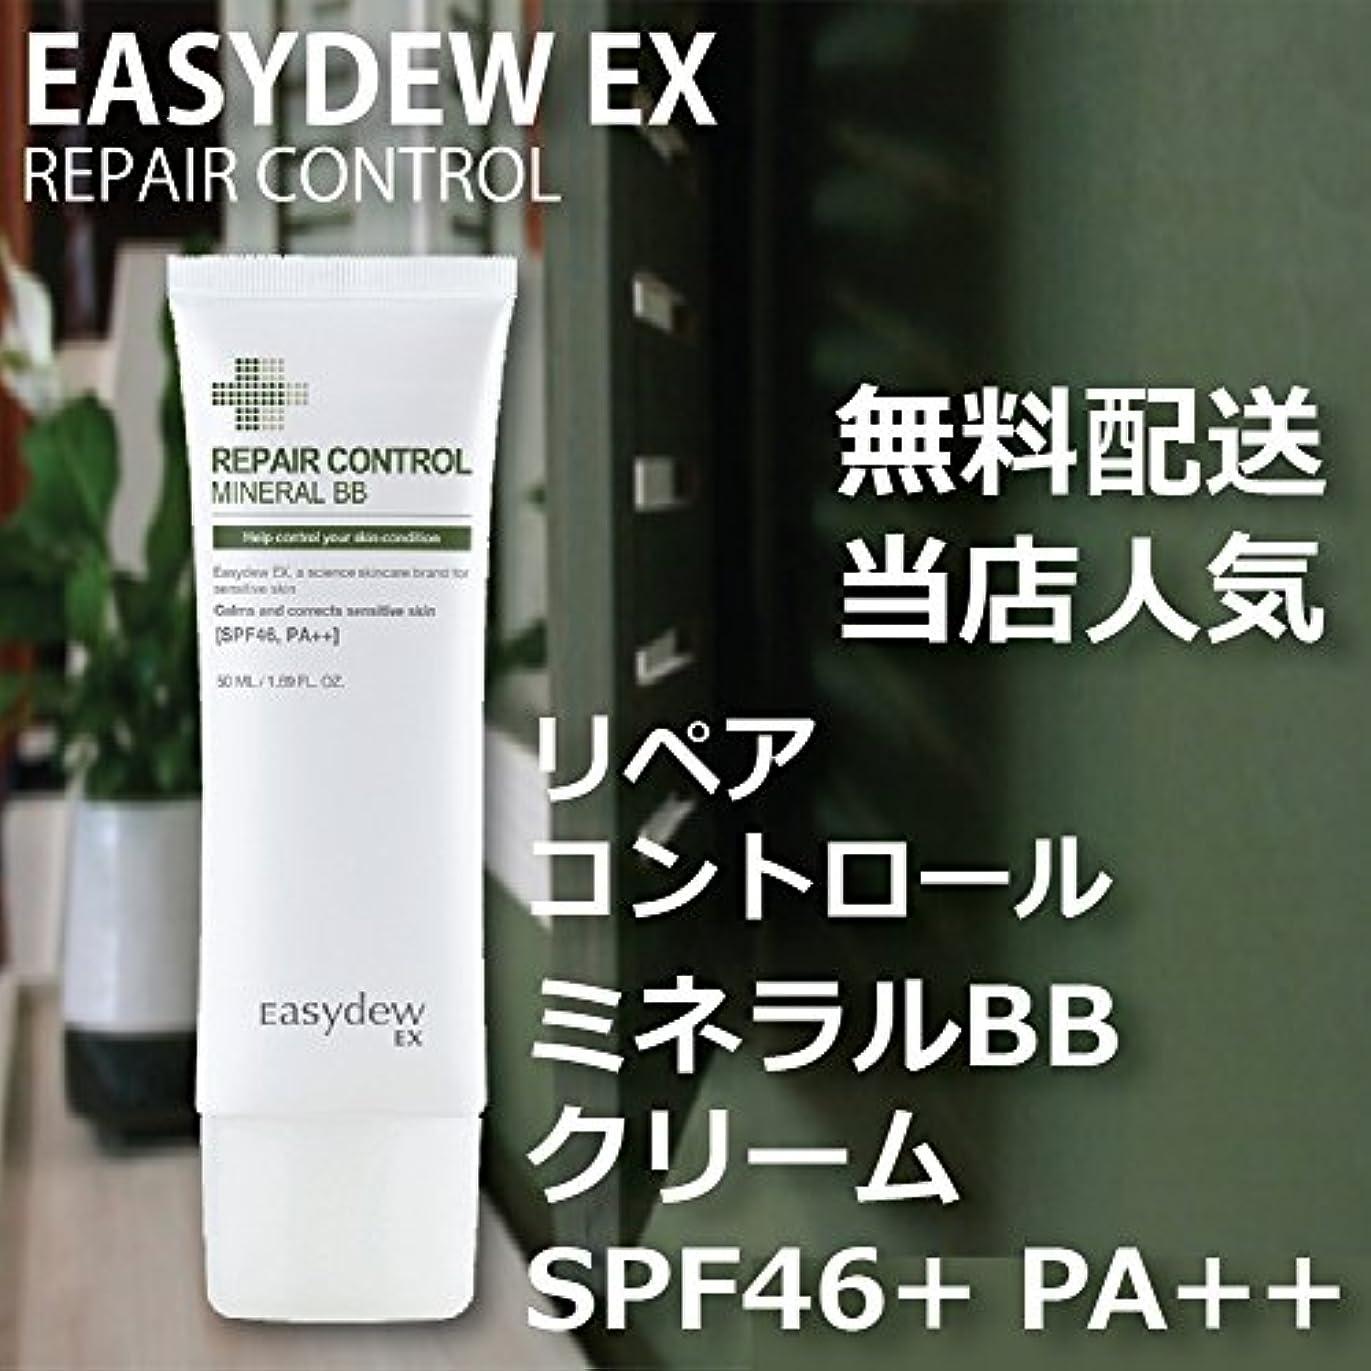 リマークレーザ主婦EASY DEW EX ミネラル BBクリーム SPF46+ PA++ 50ml MINRAL BB CREAM 韓国 人気 コスメ イージーデュー 敏感 乾燥 美白 しわ 3重機能性